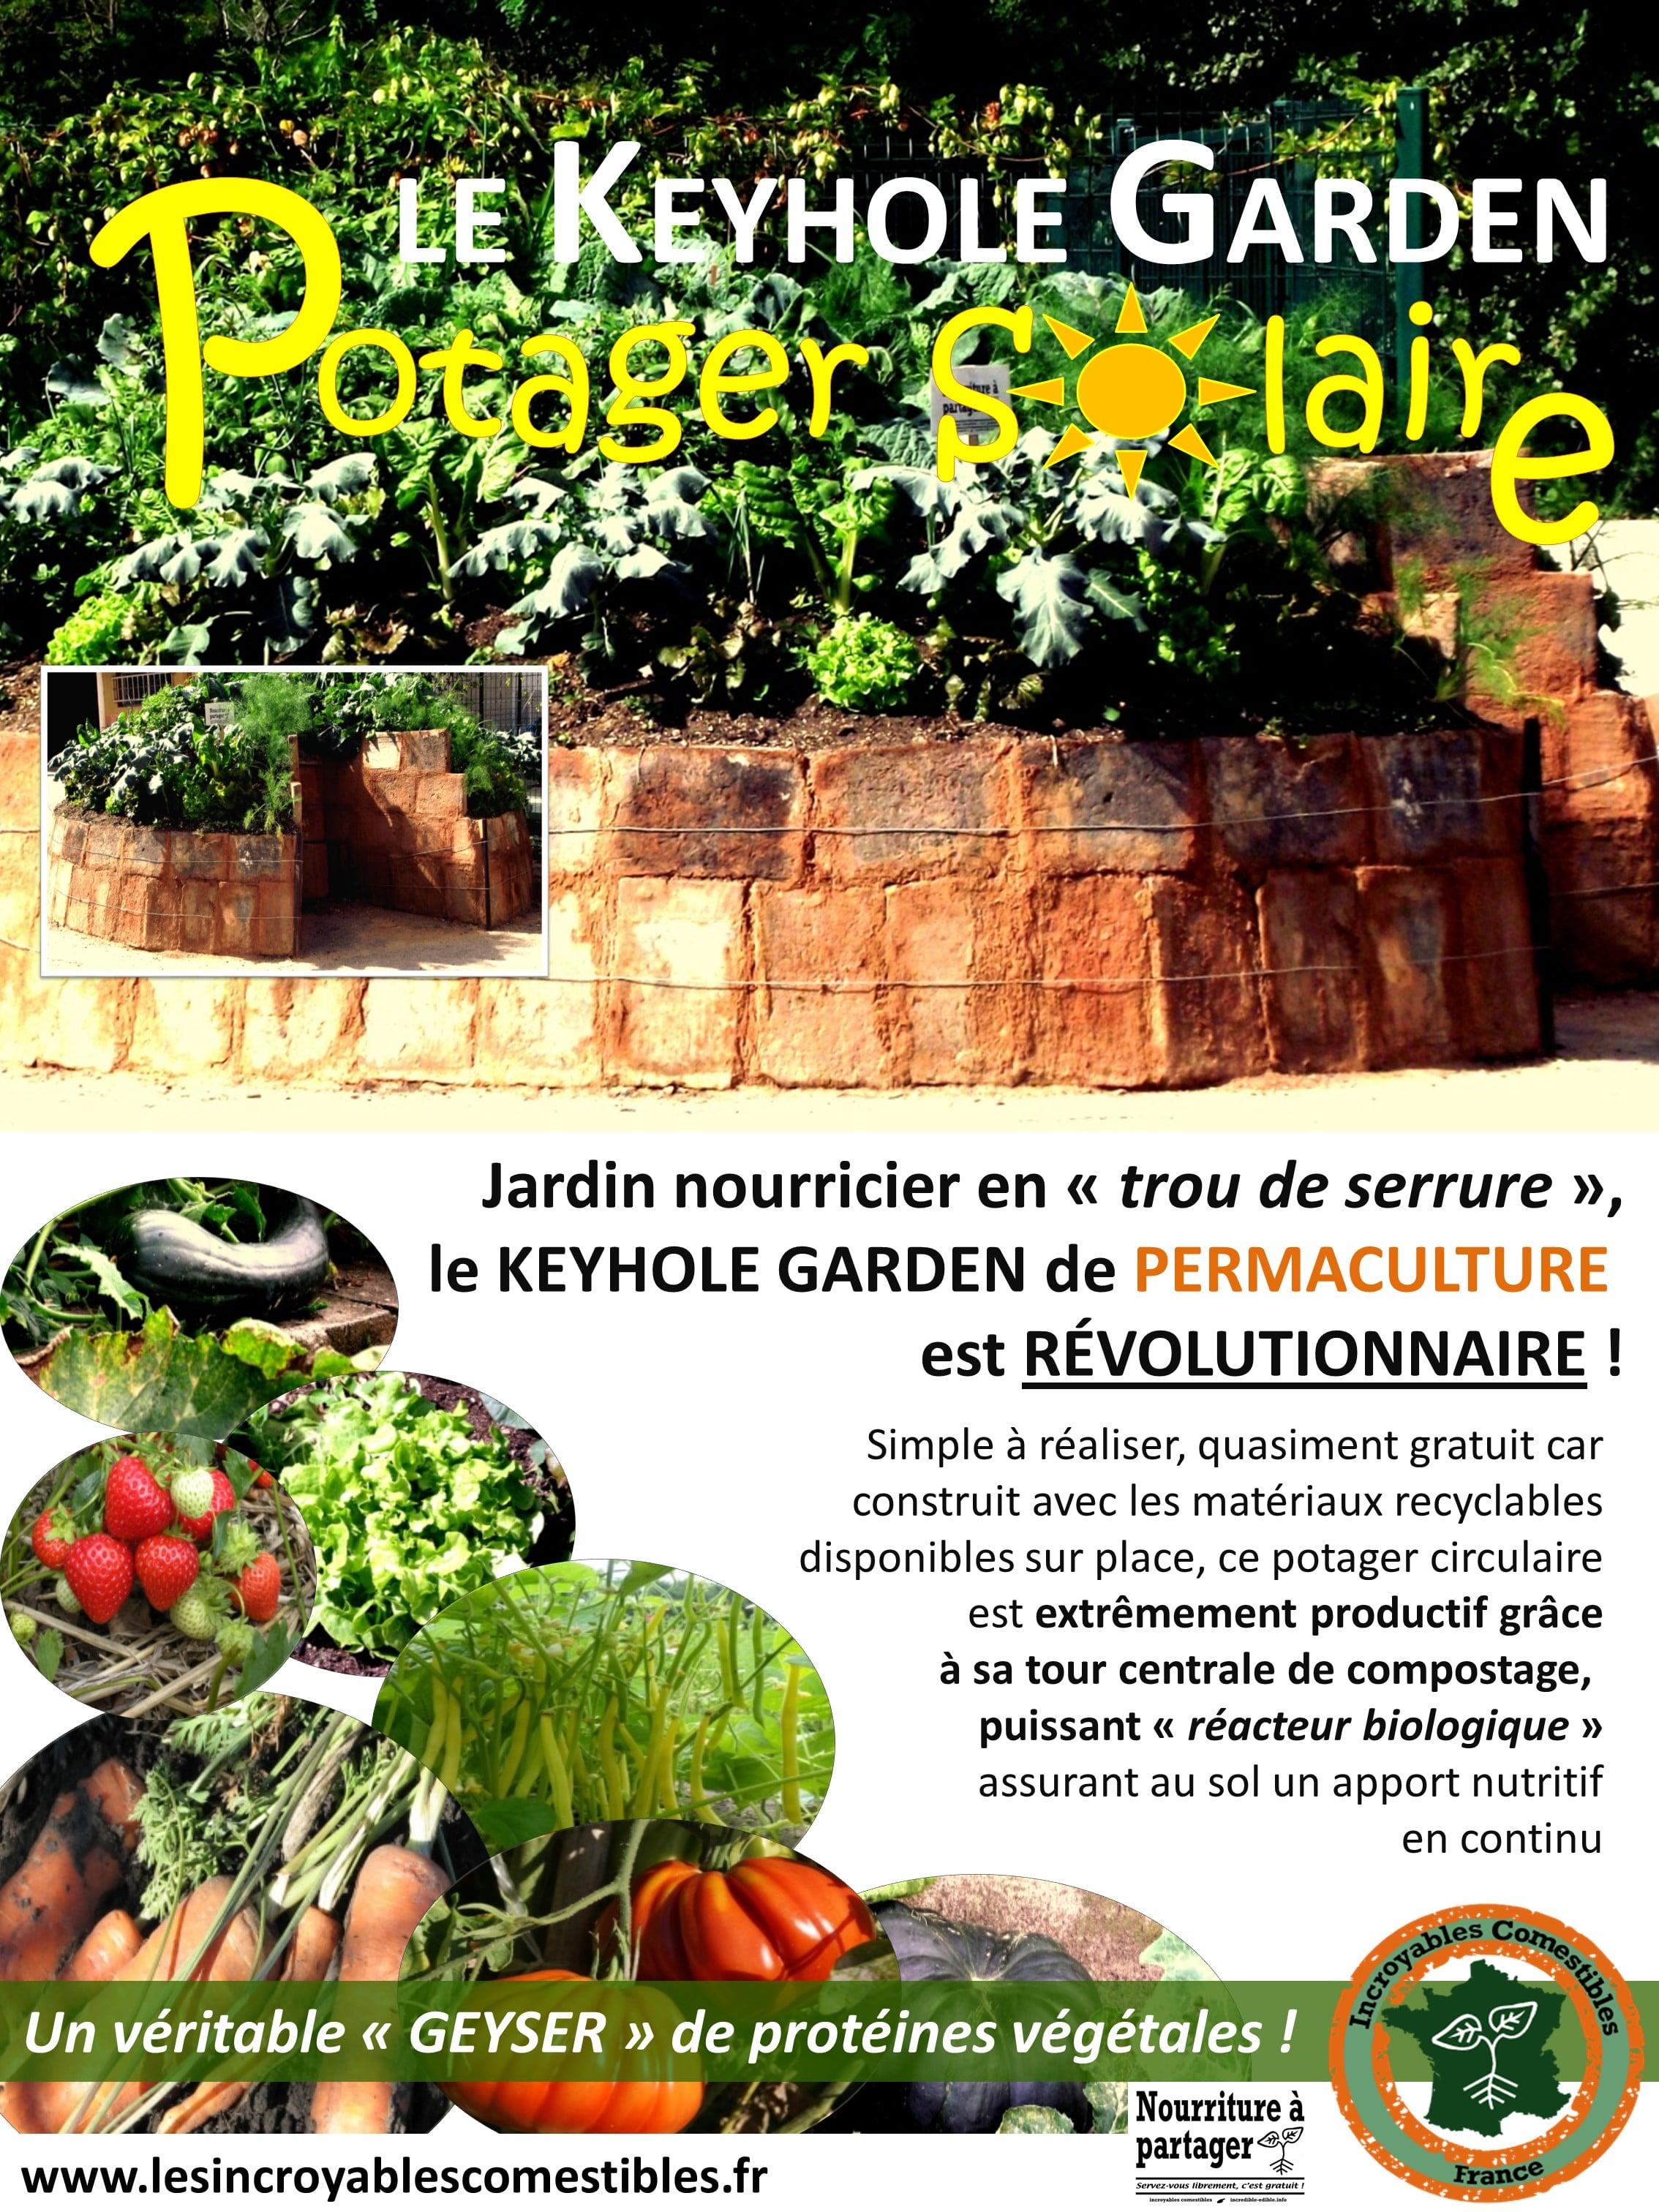 LE KEYHOLE GARDEN, POTAGER SOLAIRE ! - Les Incroyables Comestibles ...